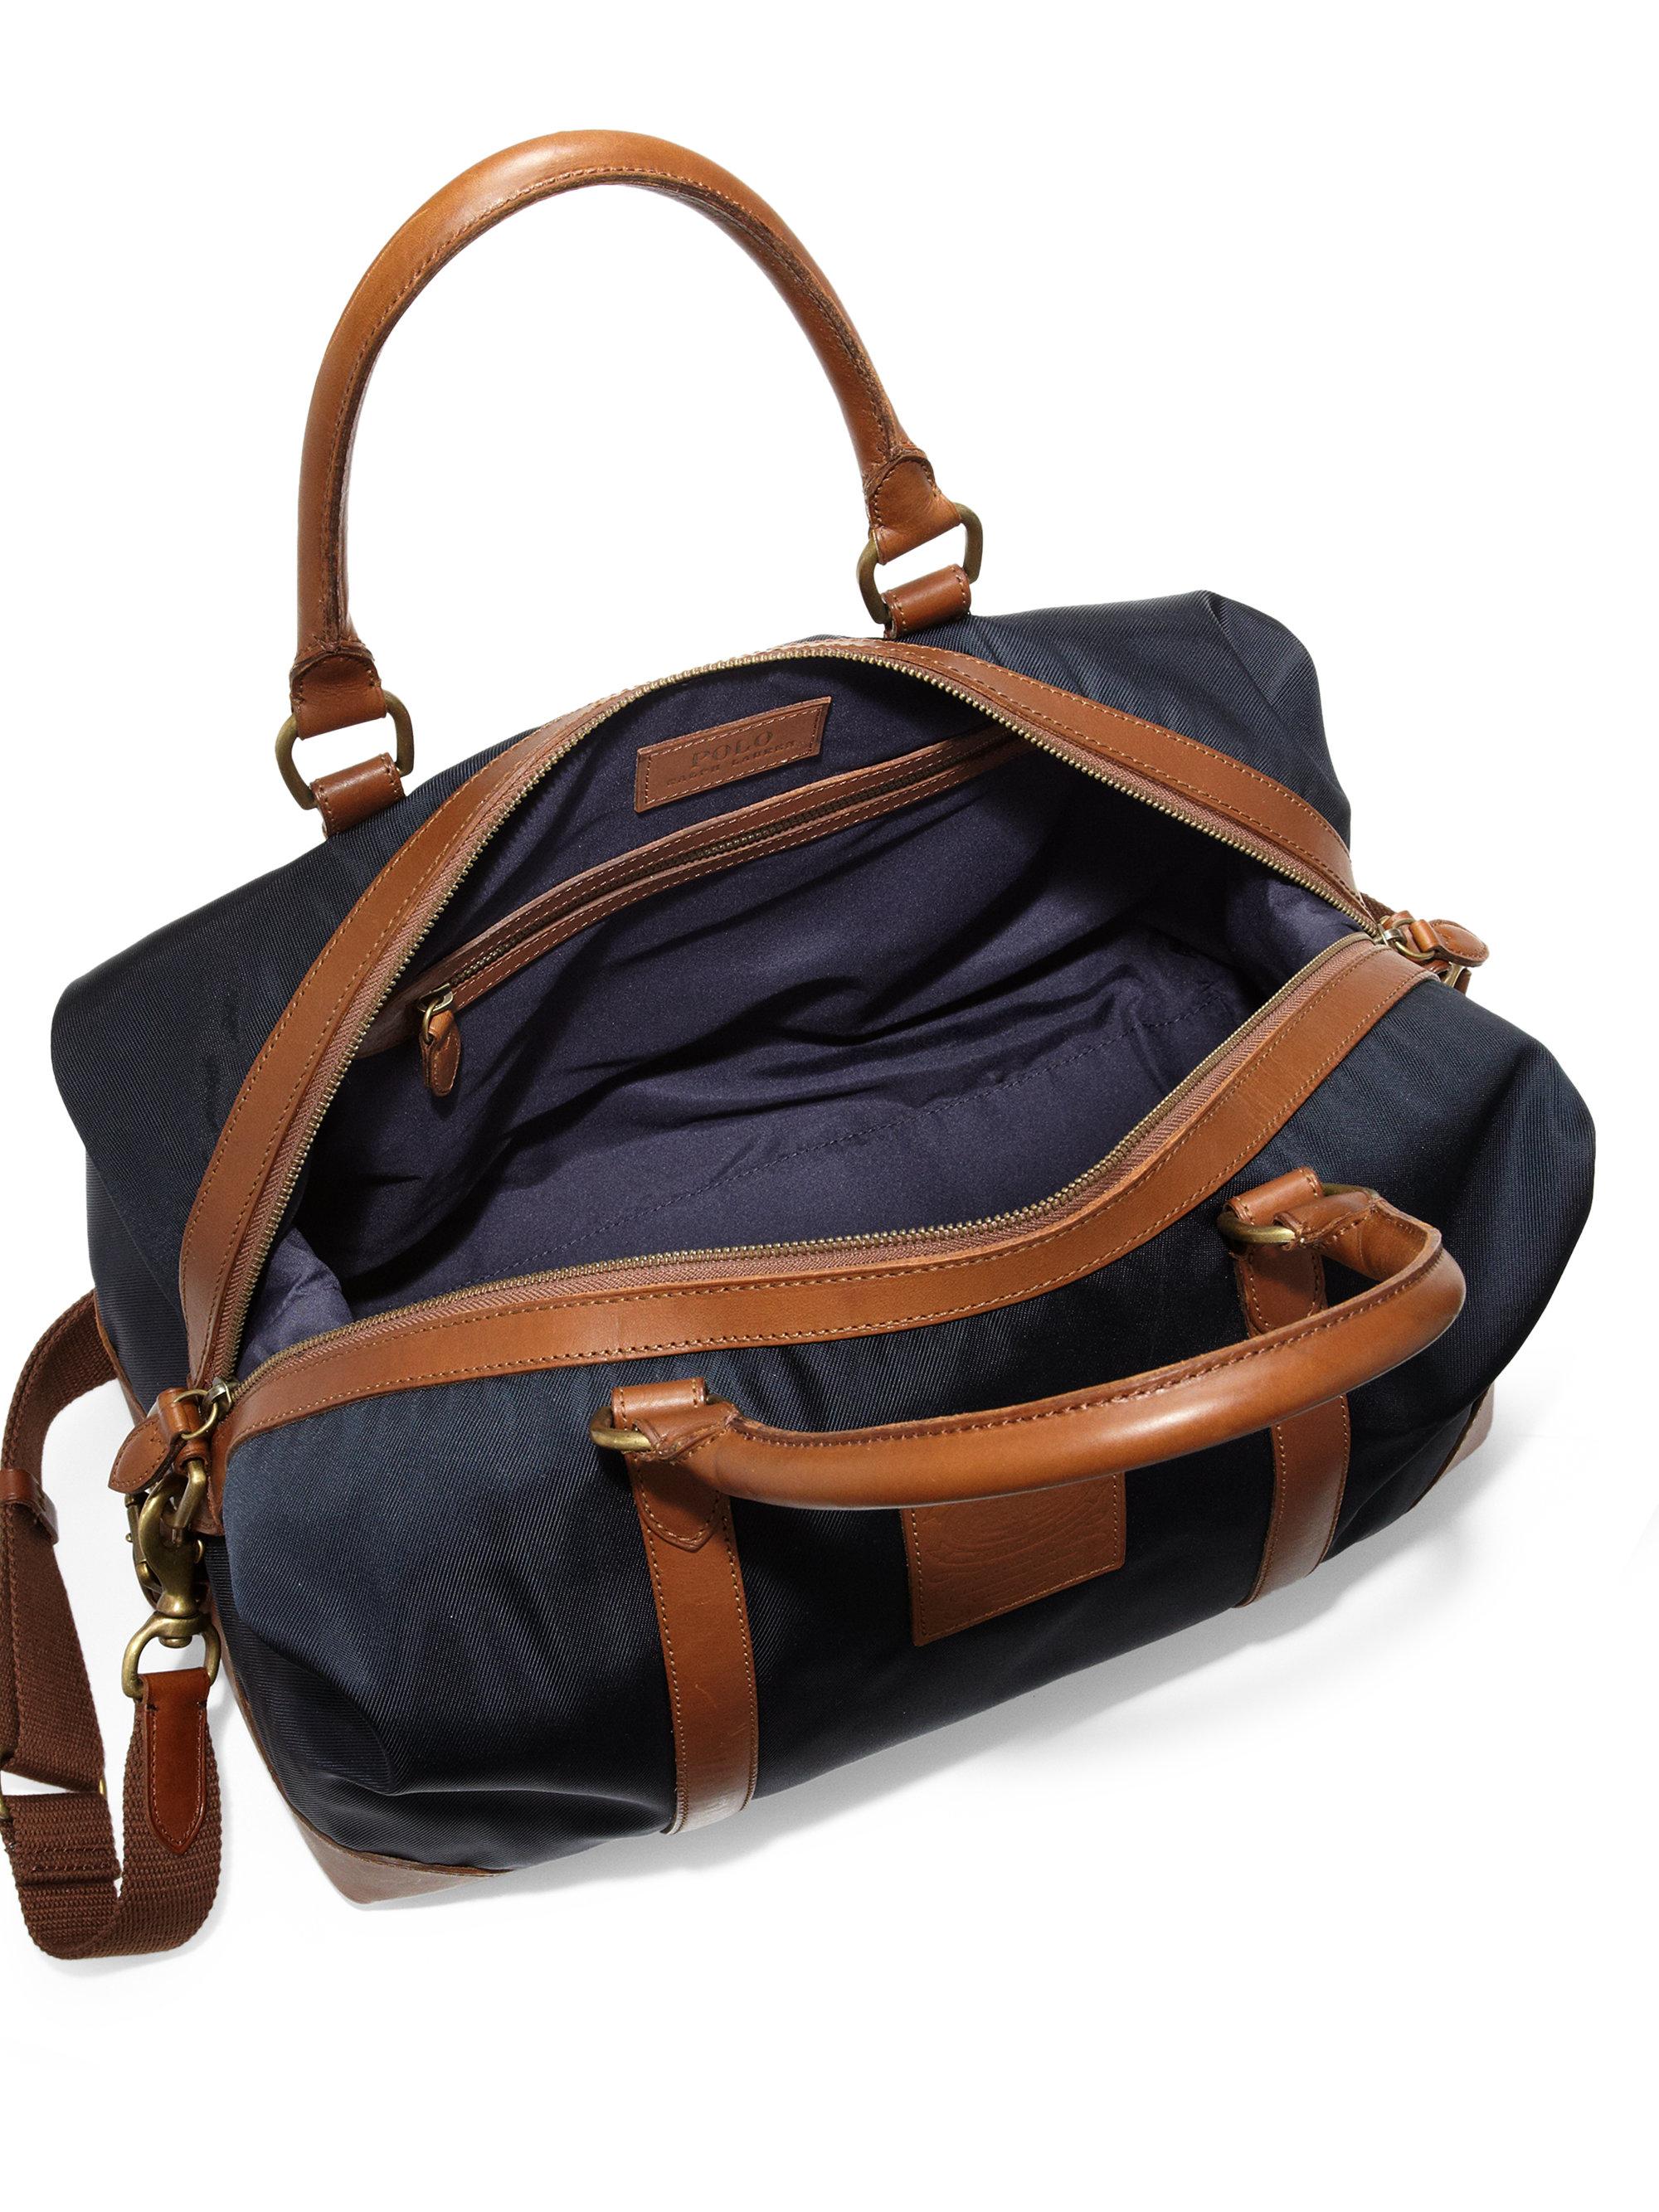 4be0361fbc16 Lyst - Polo Ralph Lauren Nylon Duffel Bag in Black for Men